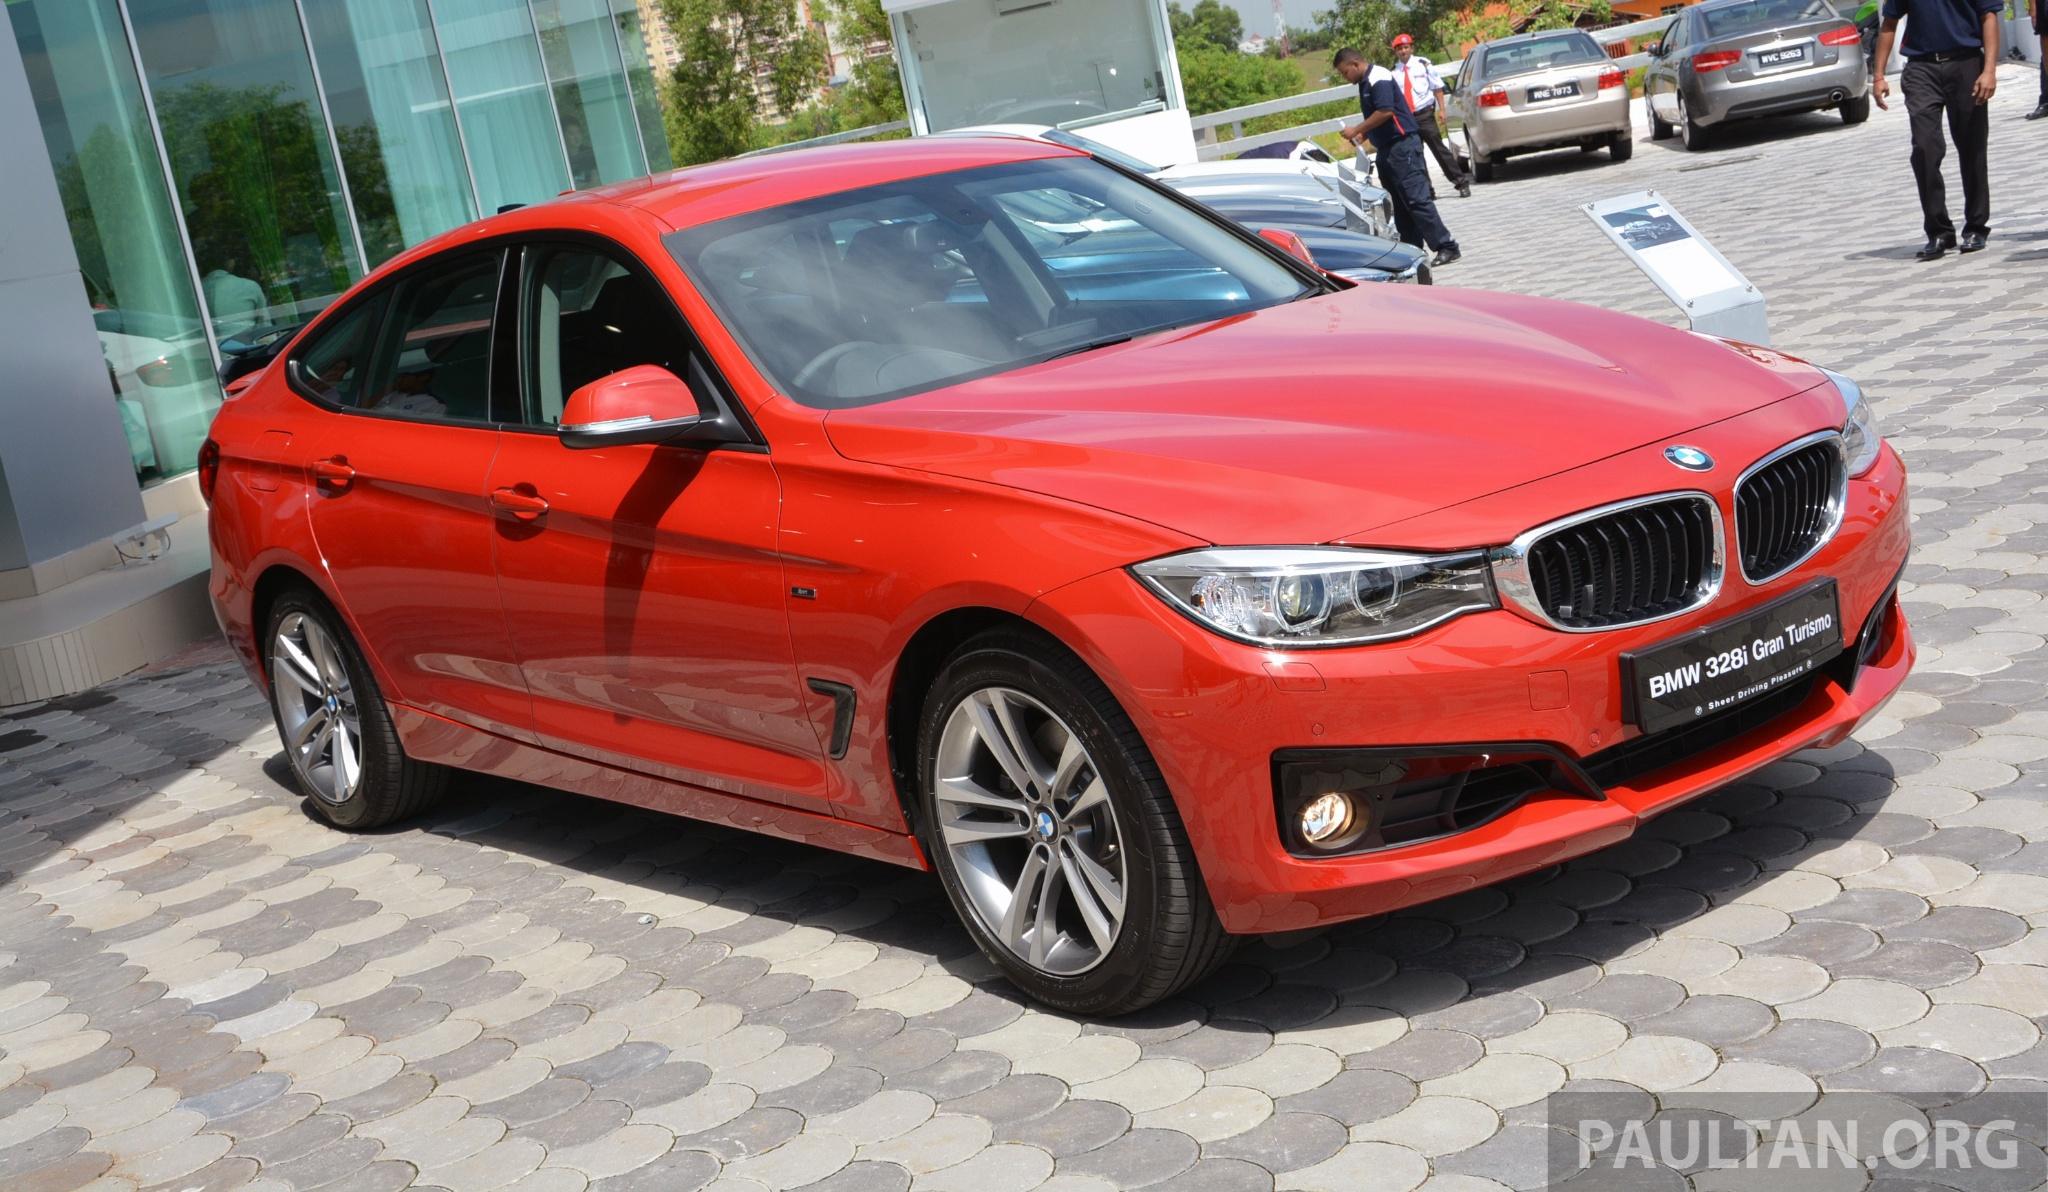 BMW Series Gran Turismo Debuts I GT RMk Image - Bmw 3281 gt